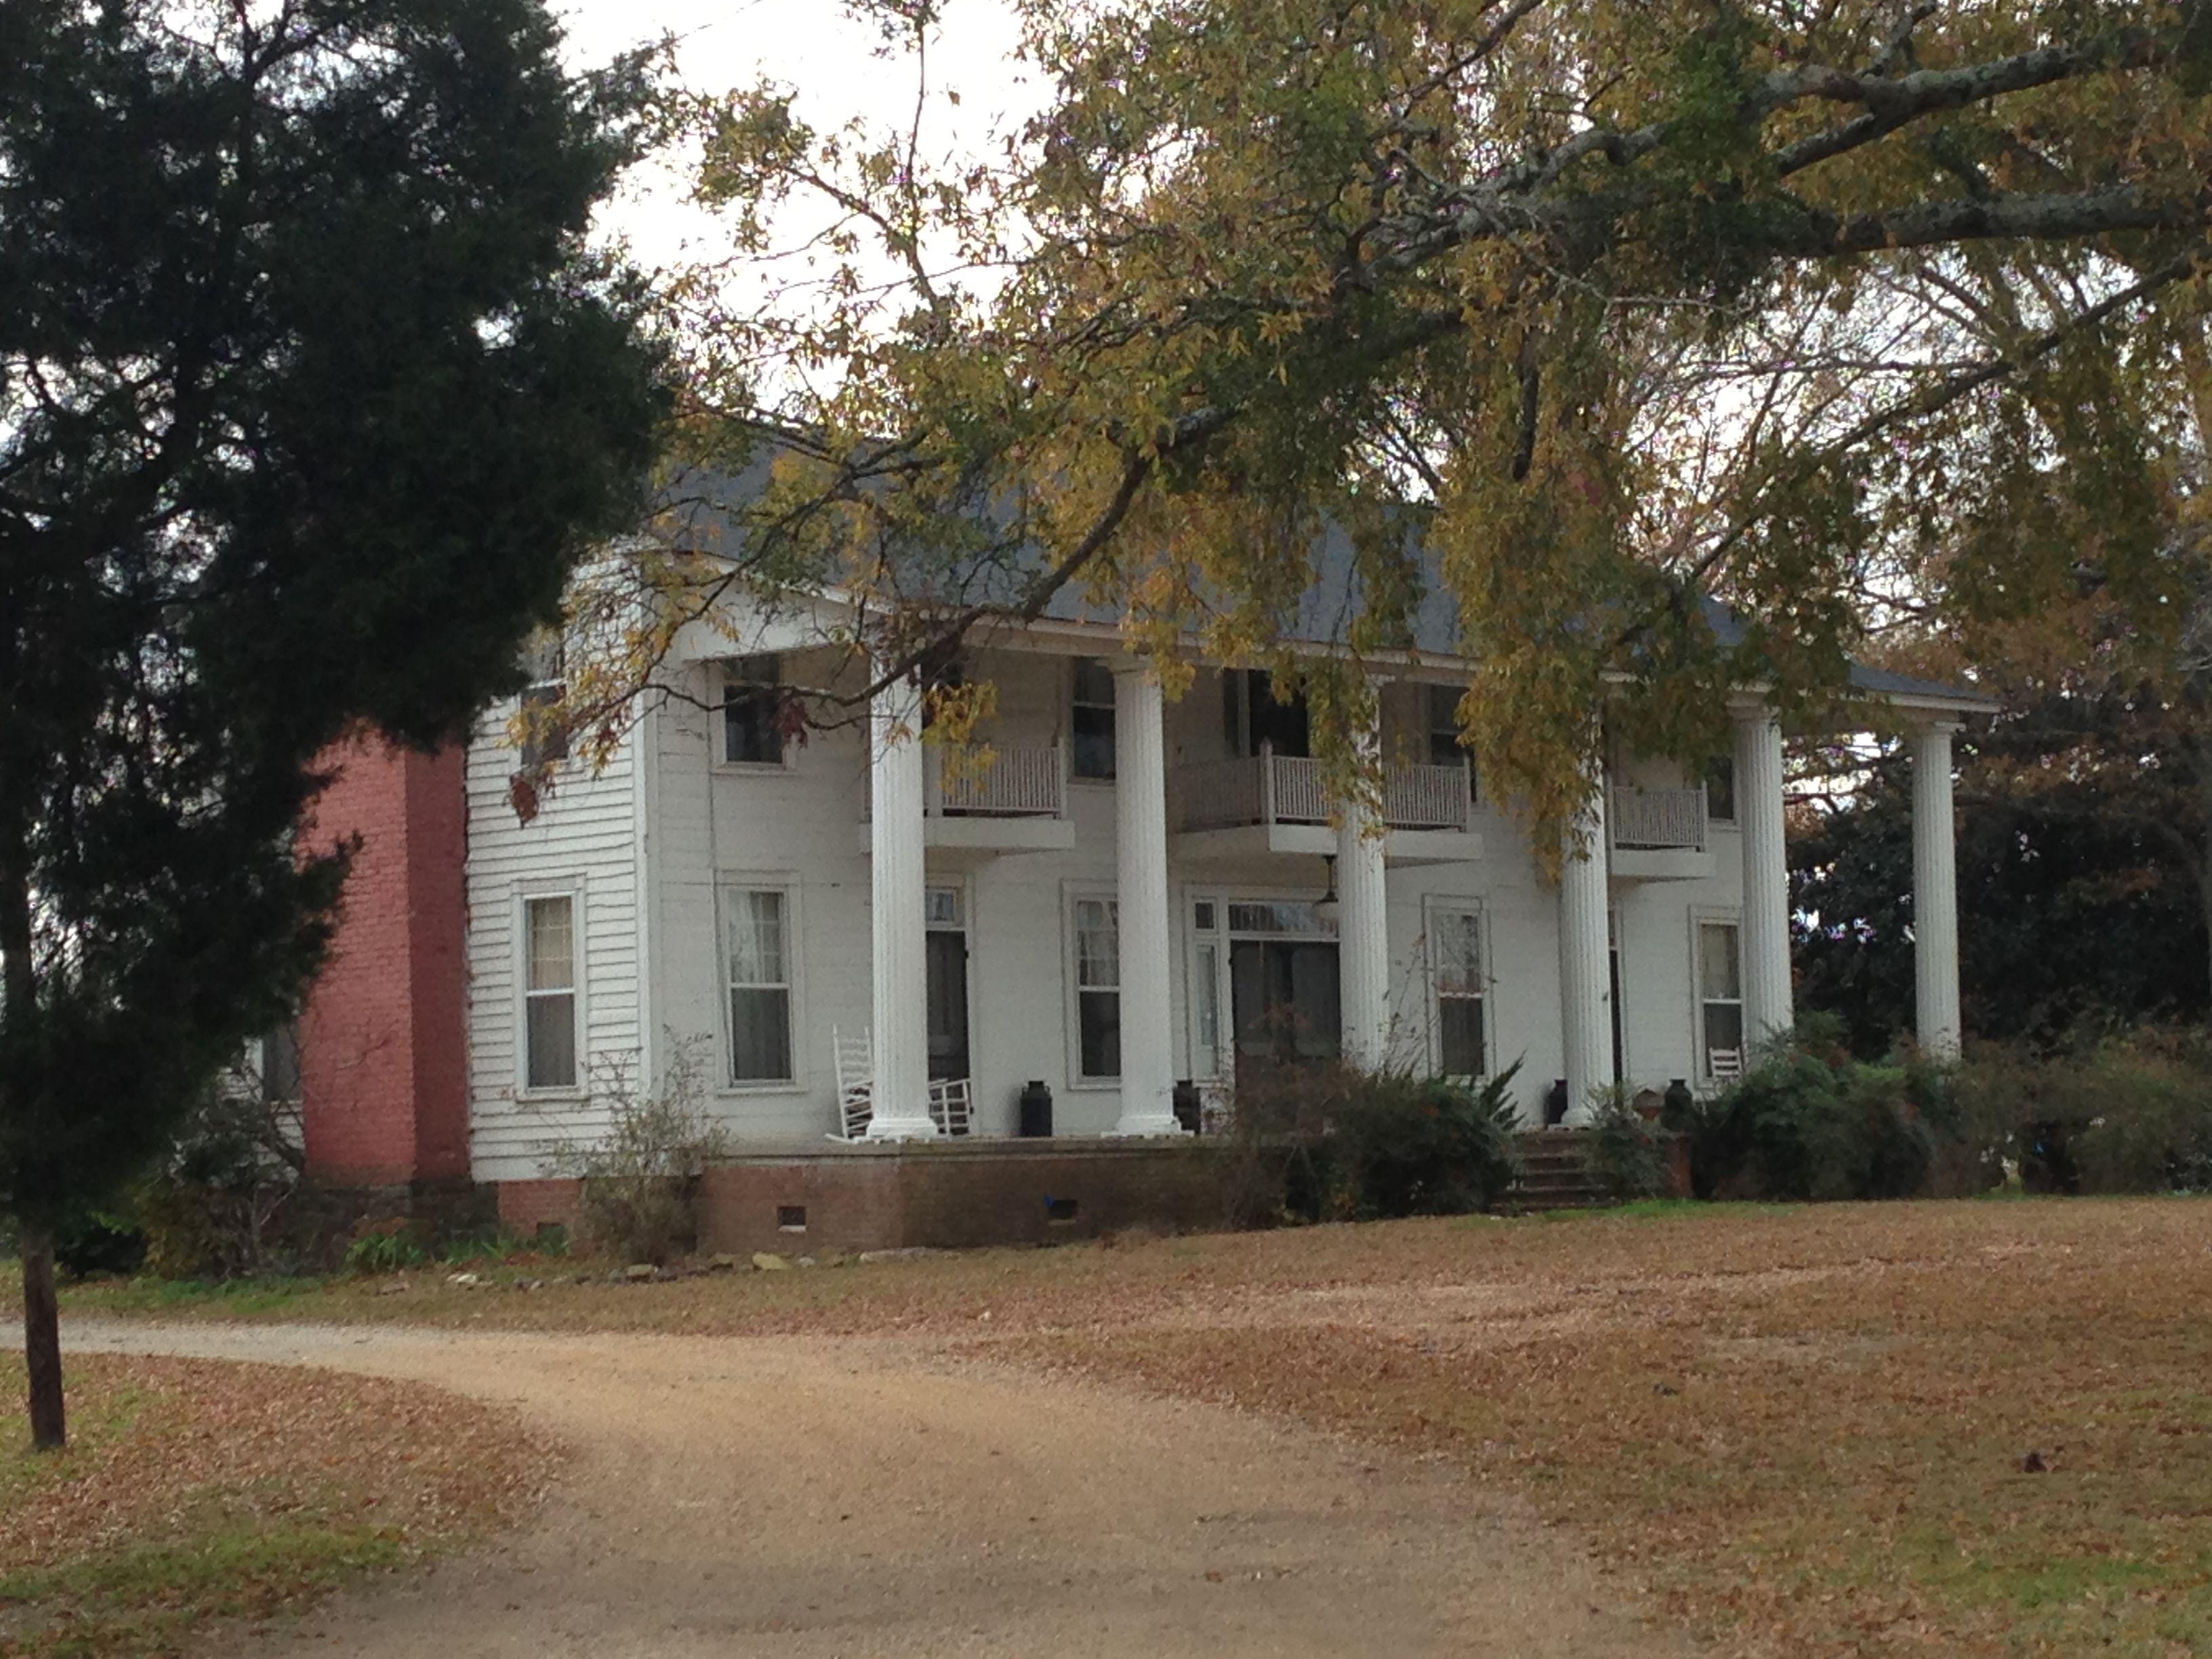 A neat farm house near Gaylesville Alabama Farm life